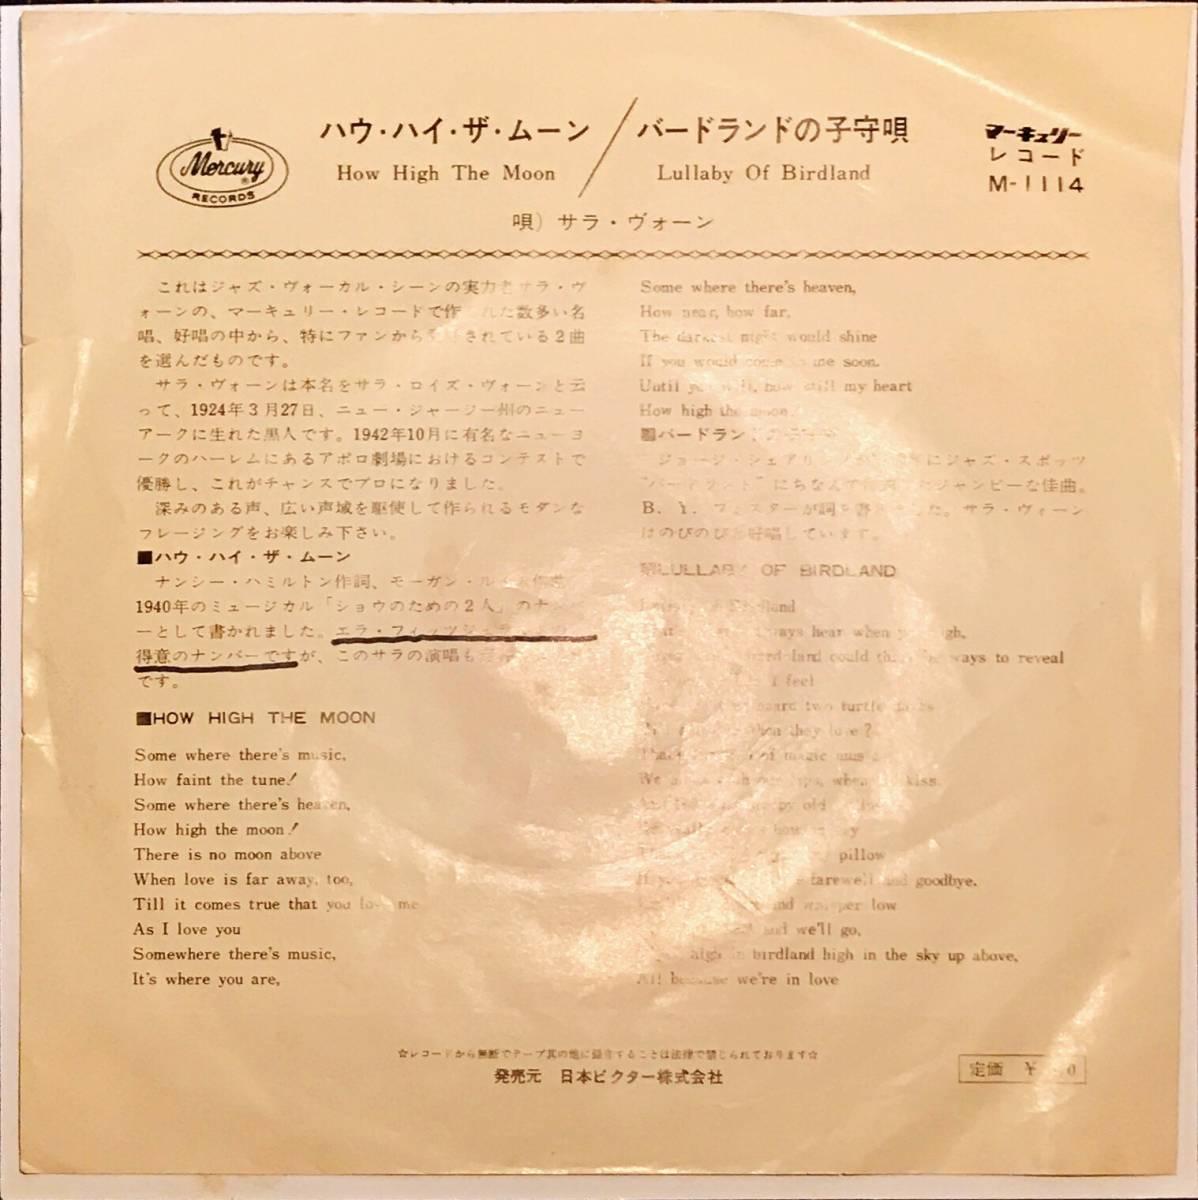 【試聴】日本盤SWINGジャズ45 サラ・ヴォーン // ハウ・ハイ・ザ・ムーン / バードランドの子守唄【EP】スイングJAZZ sarah vaughan 7inch_画像2